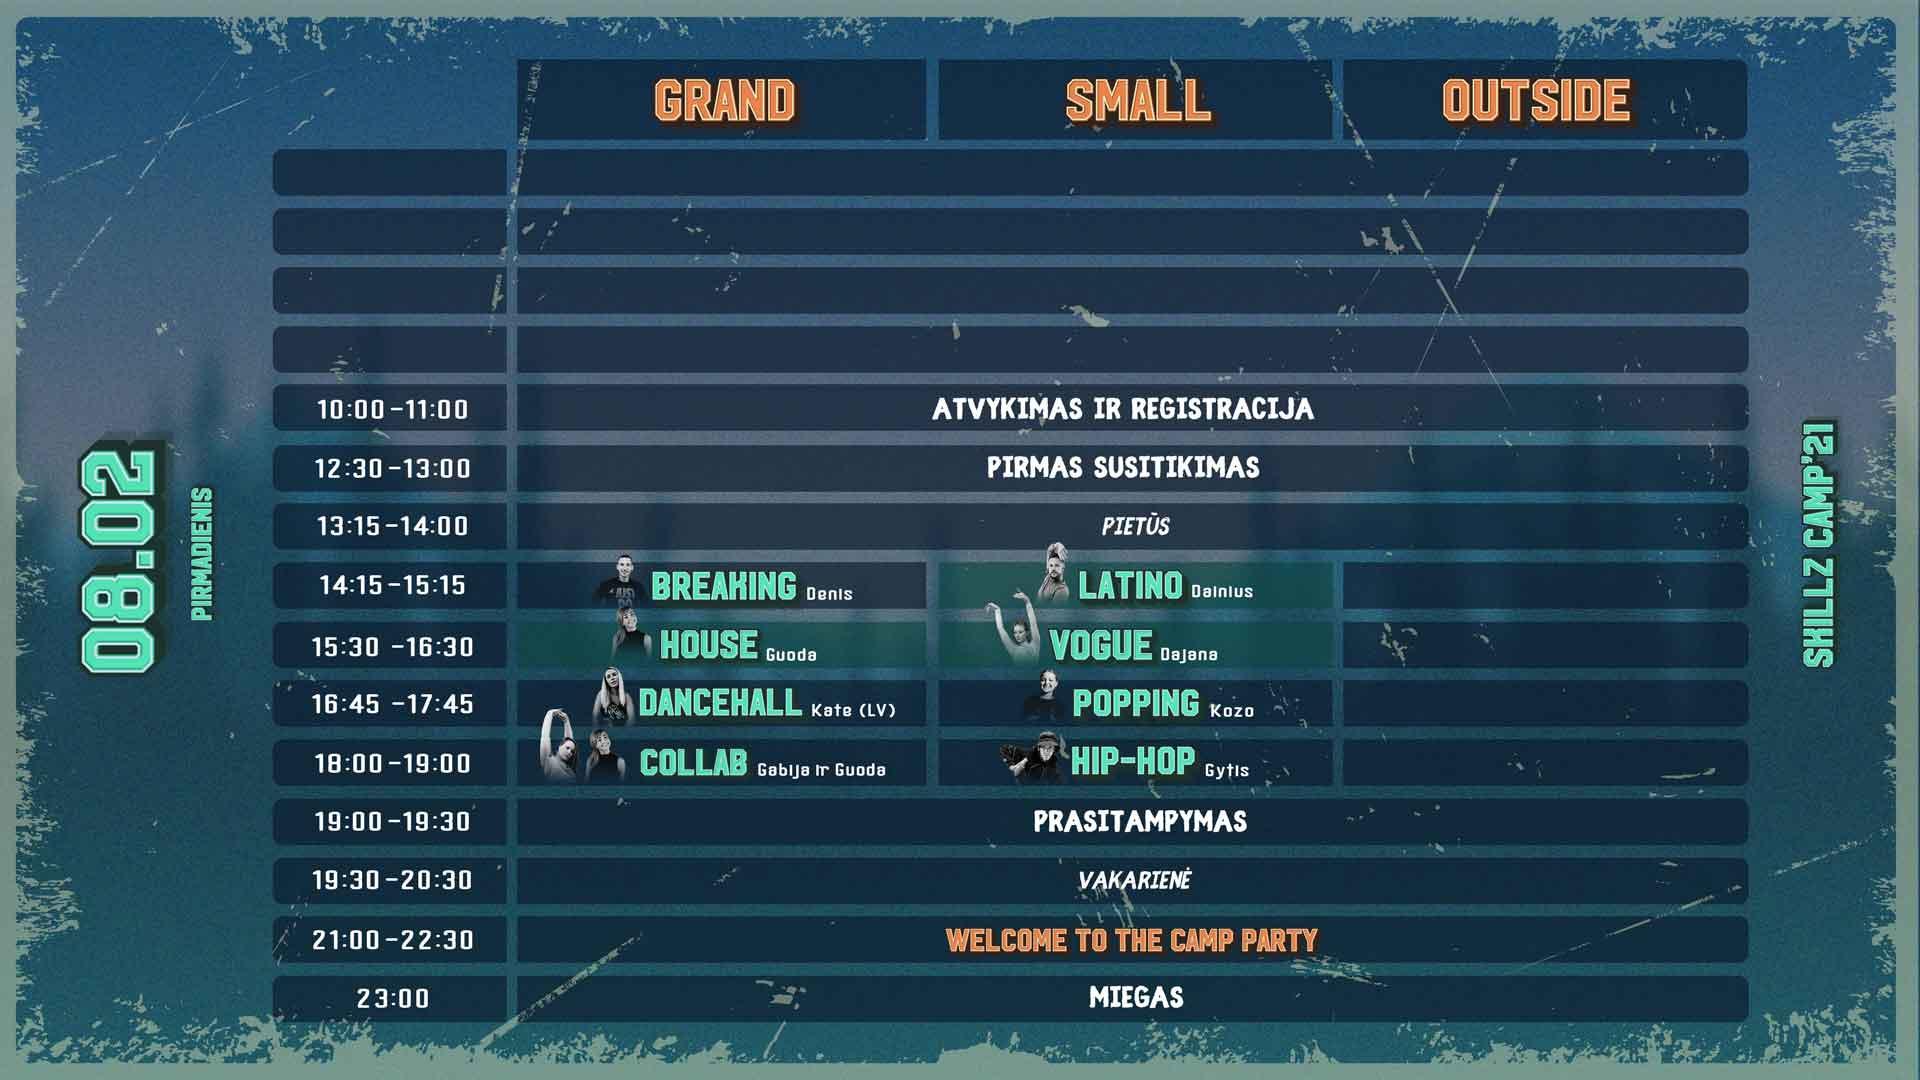 Schedule-08_02